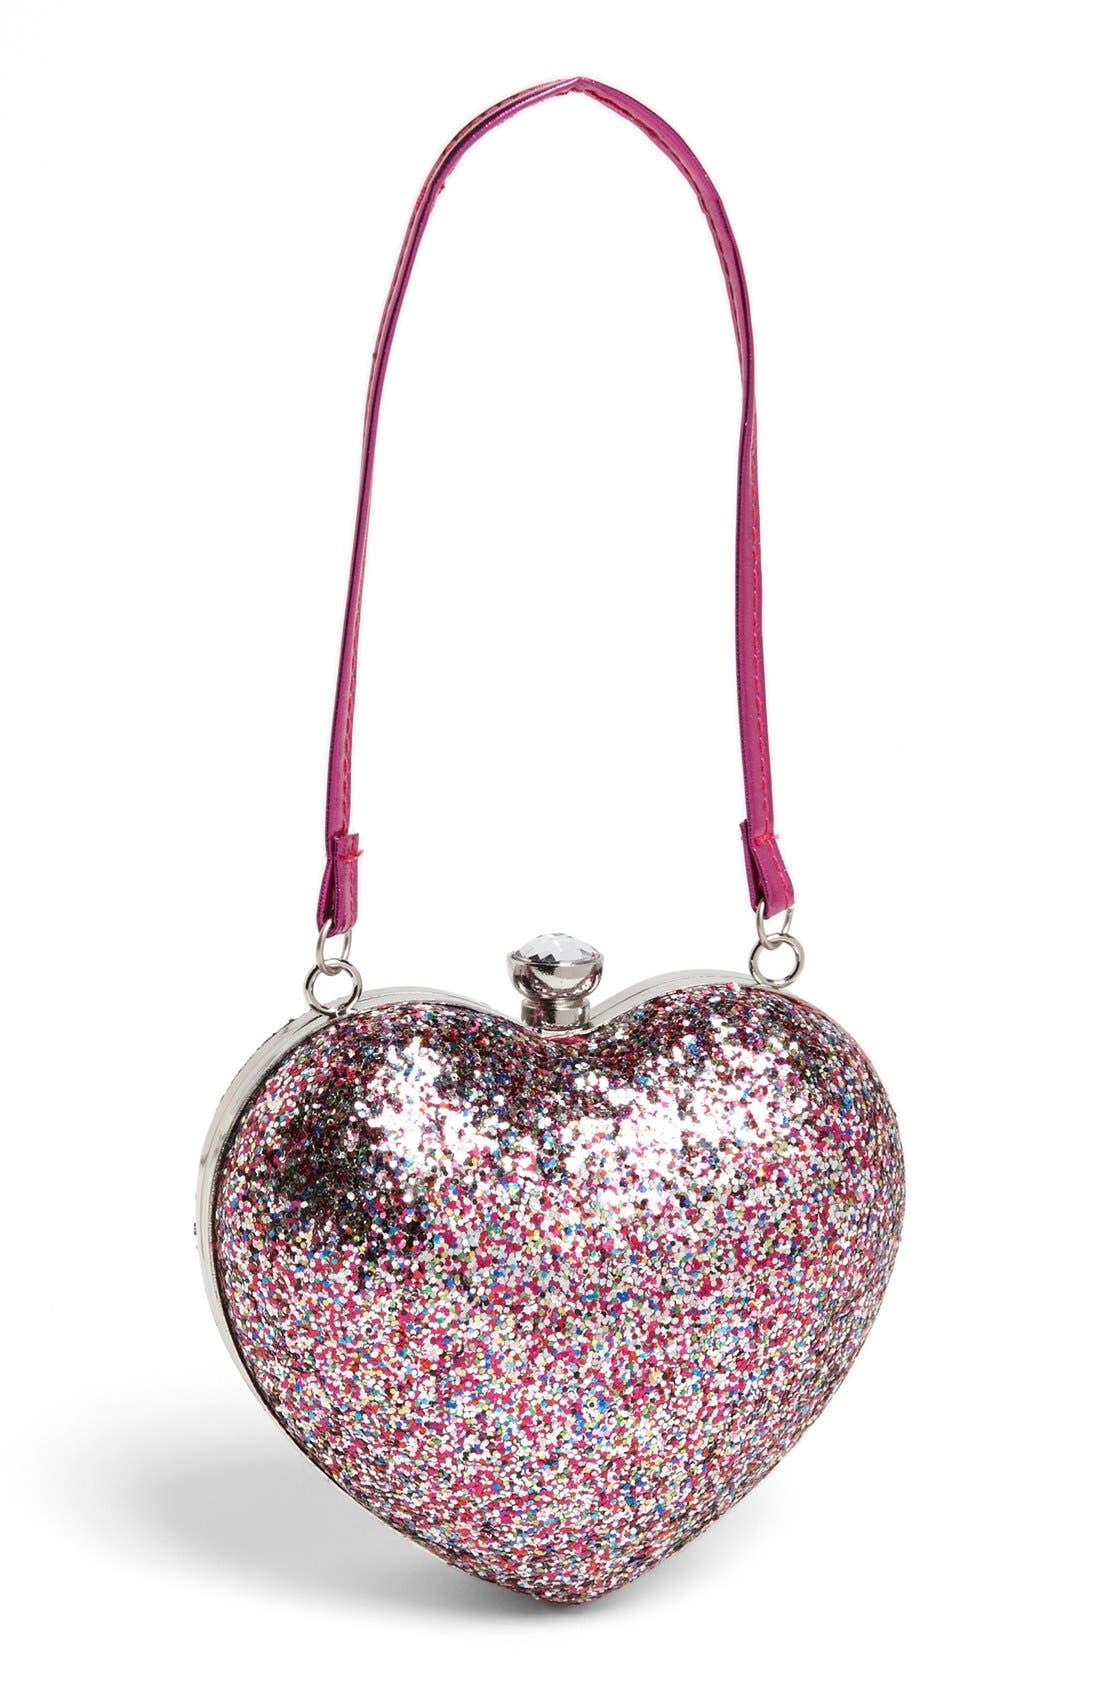 Alternate Image 1 Selected - Capelli of New York Glitter Heart Shaped Handbag (Girls)